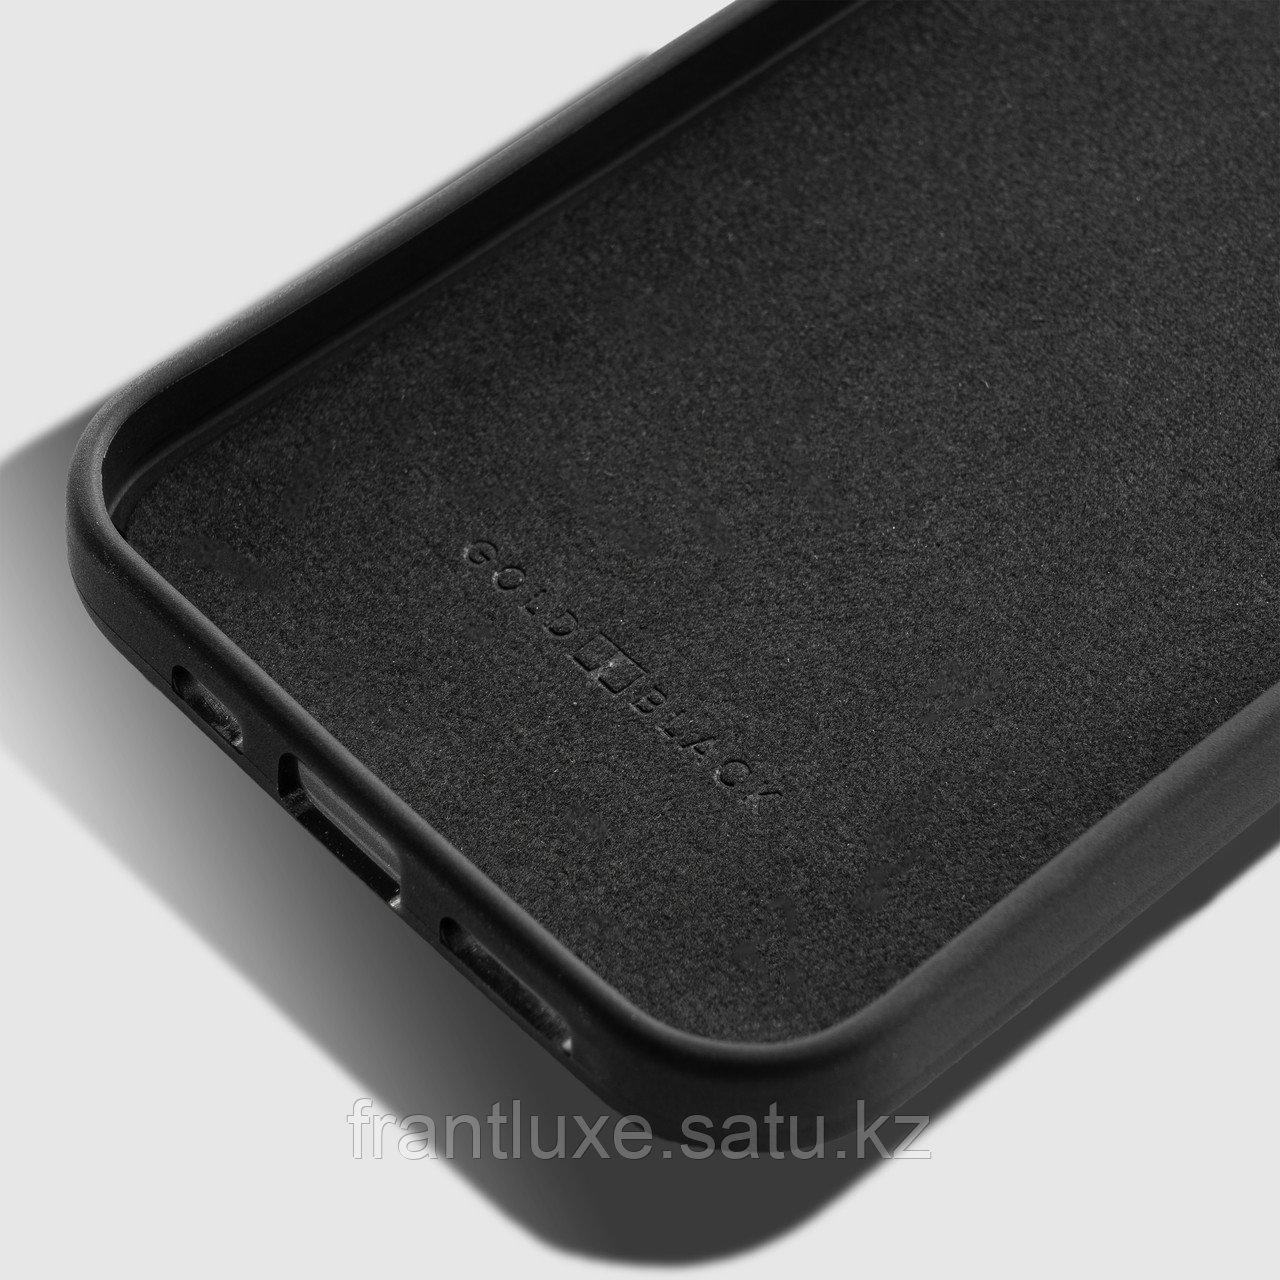 Чехол для телефона iPhone 12 Pro Max питон натуральный - фото 2